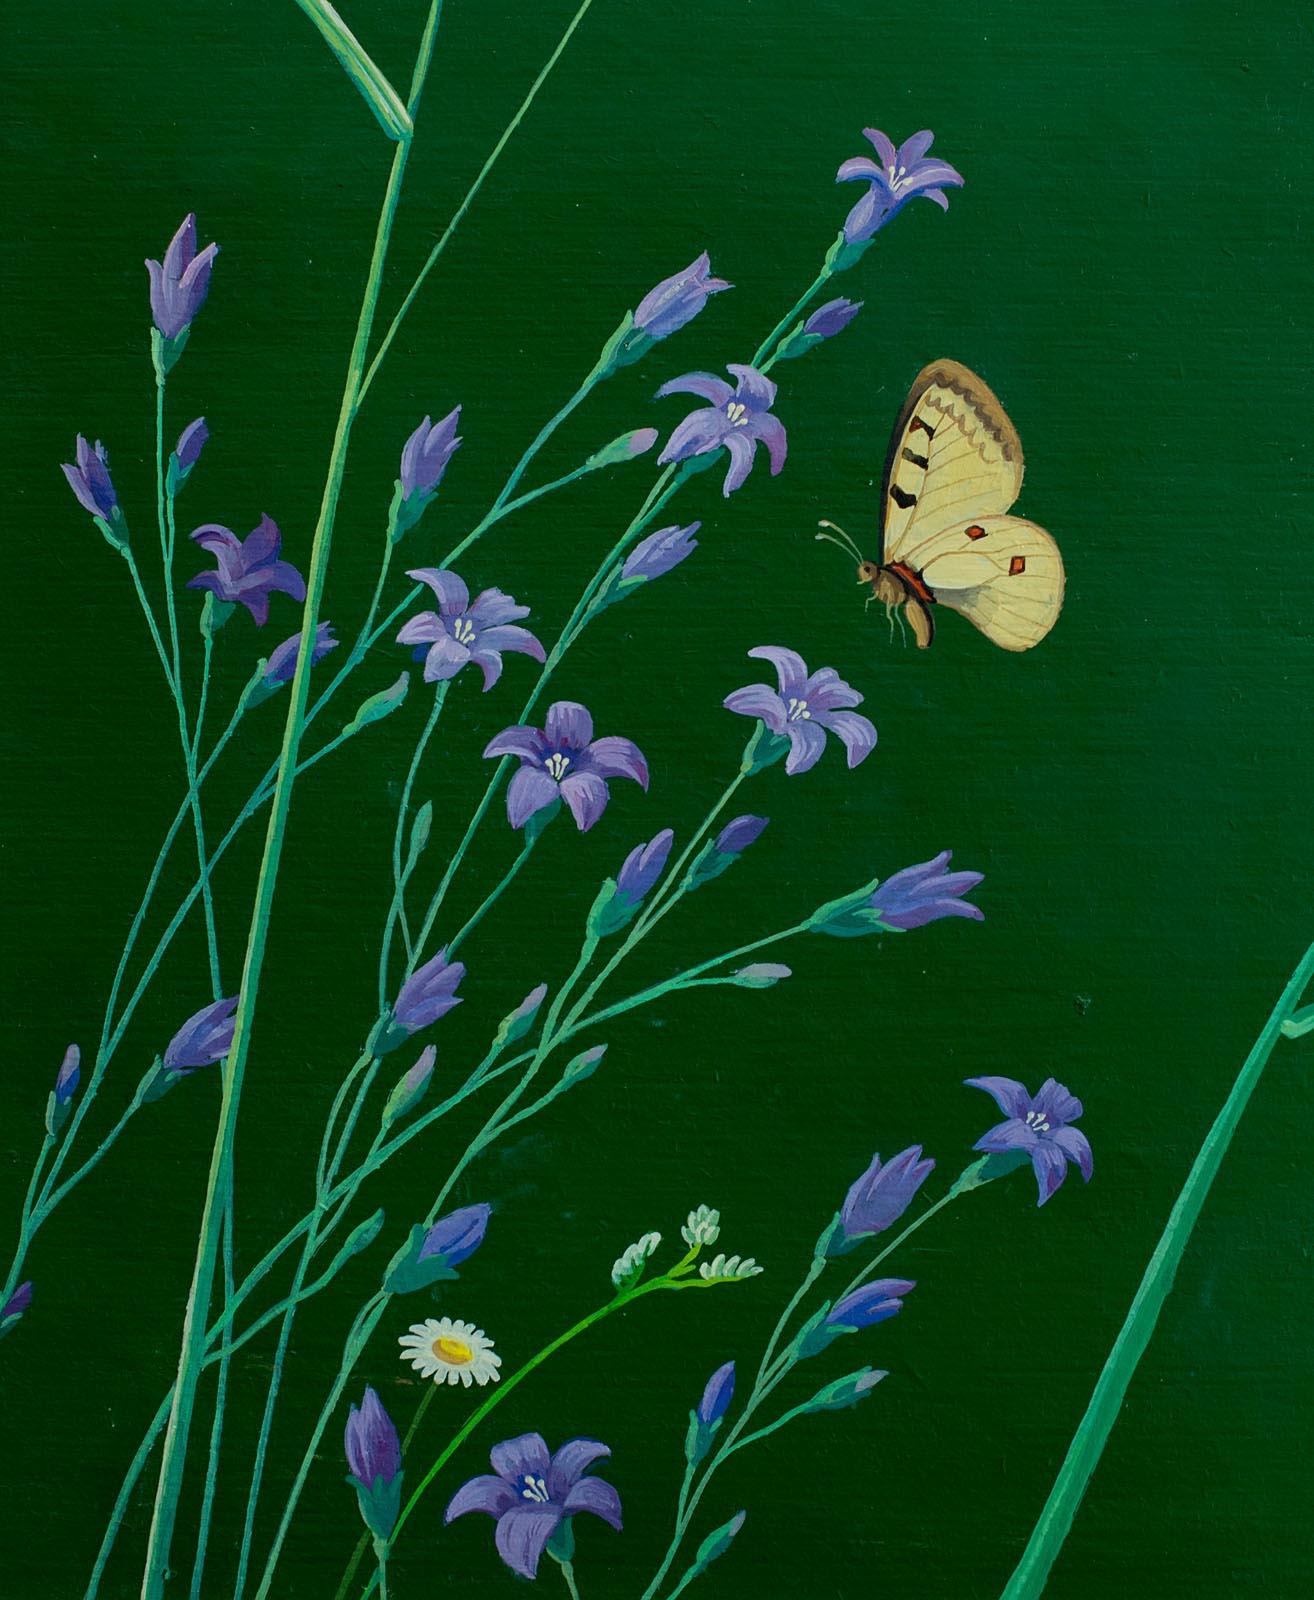 Фото №148060. Цветы и бабочки. 2001. Рушан Шамсутдинов